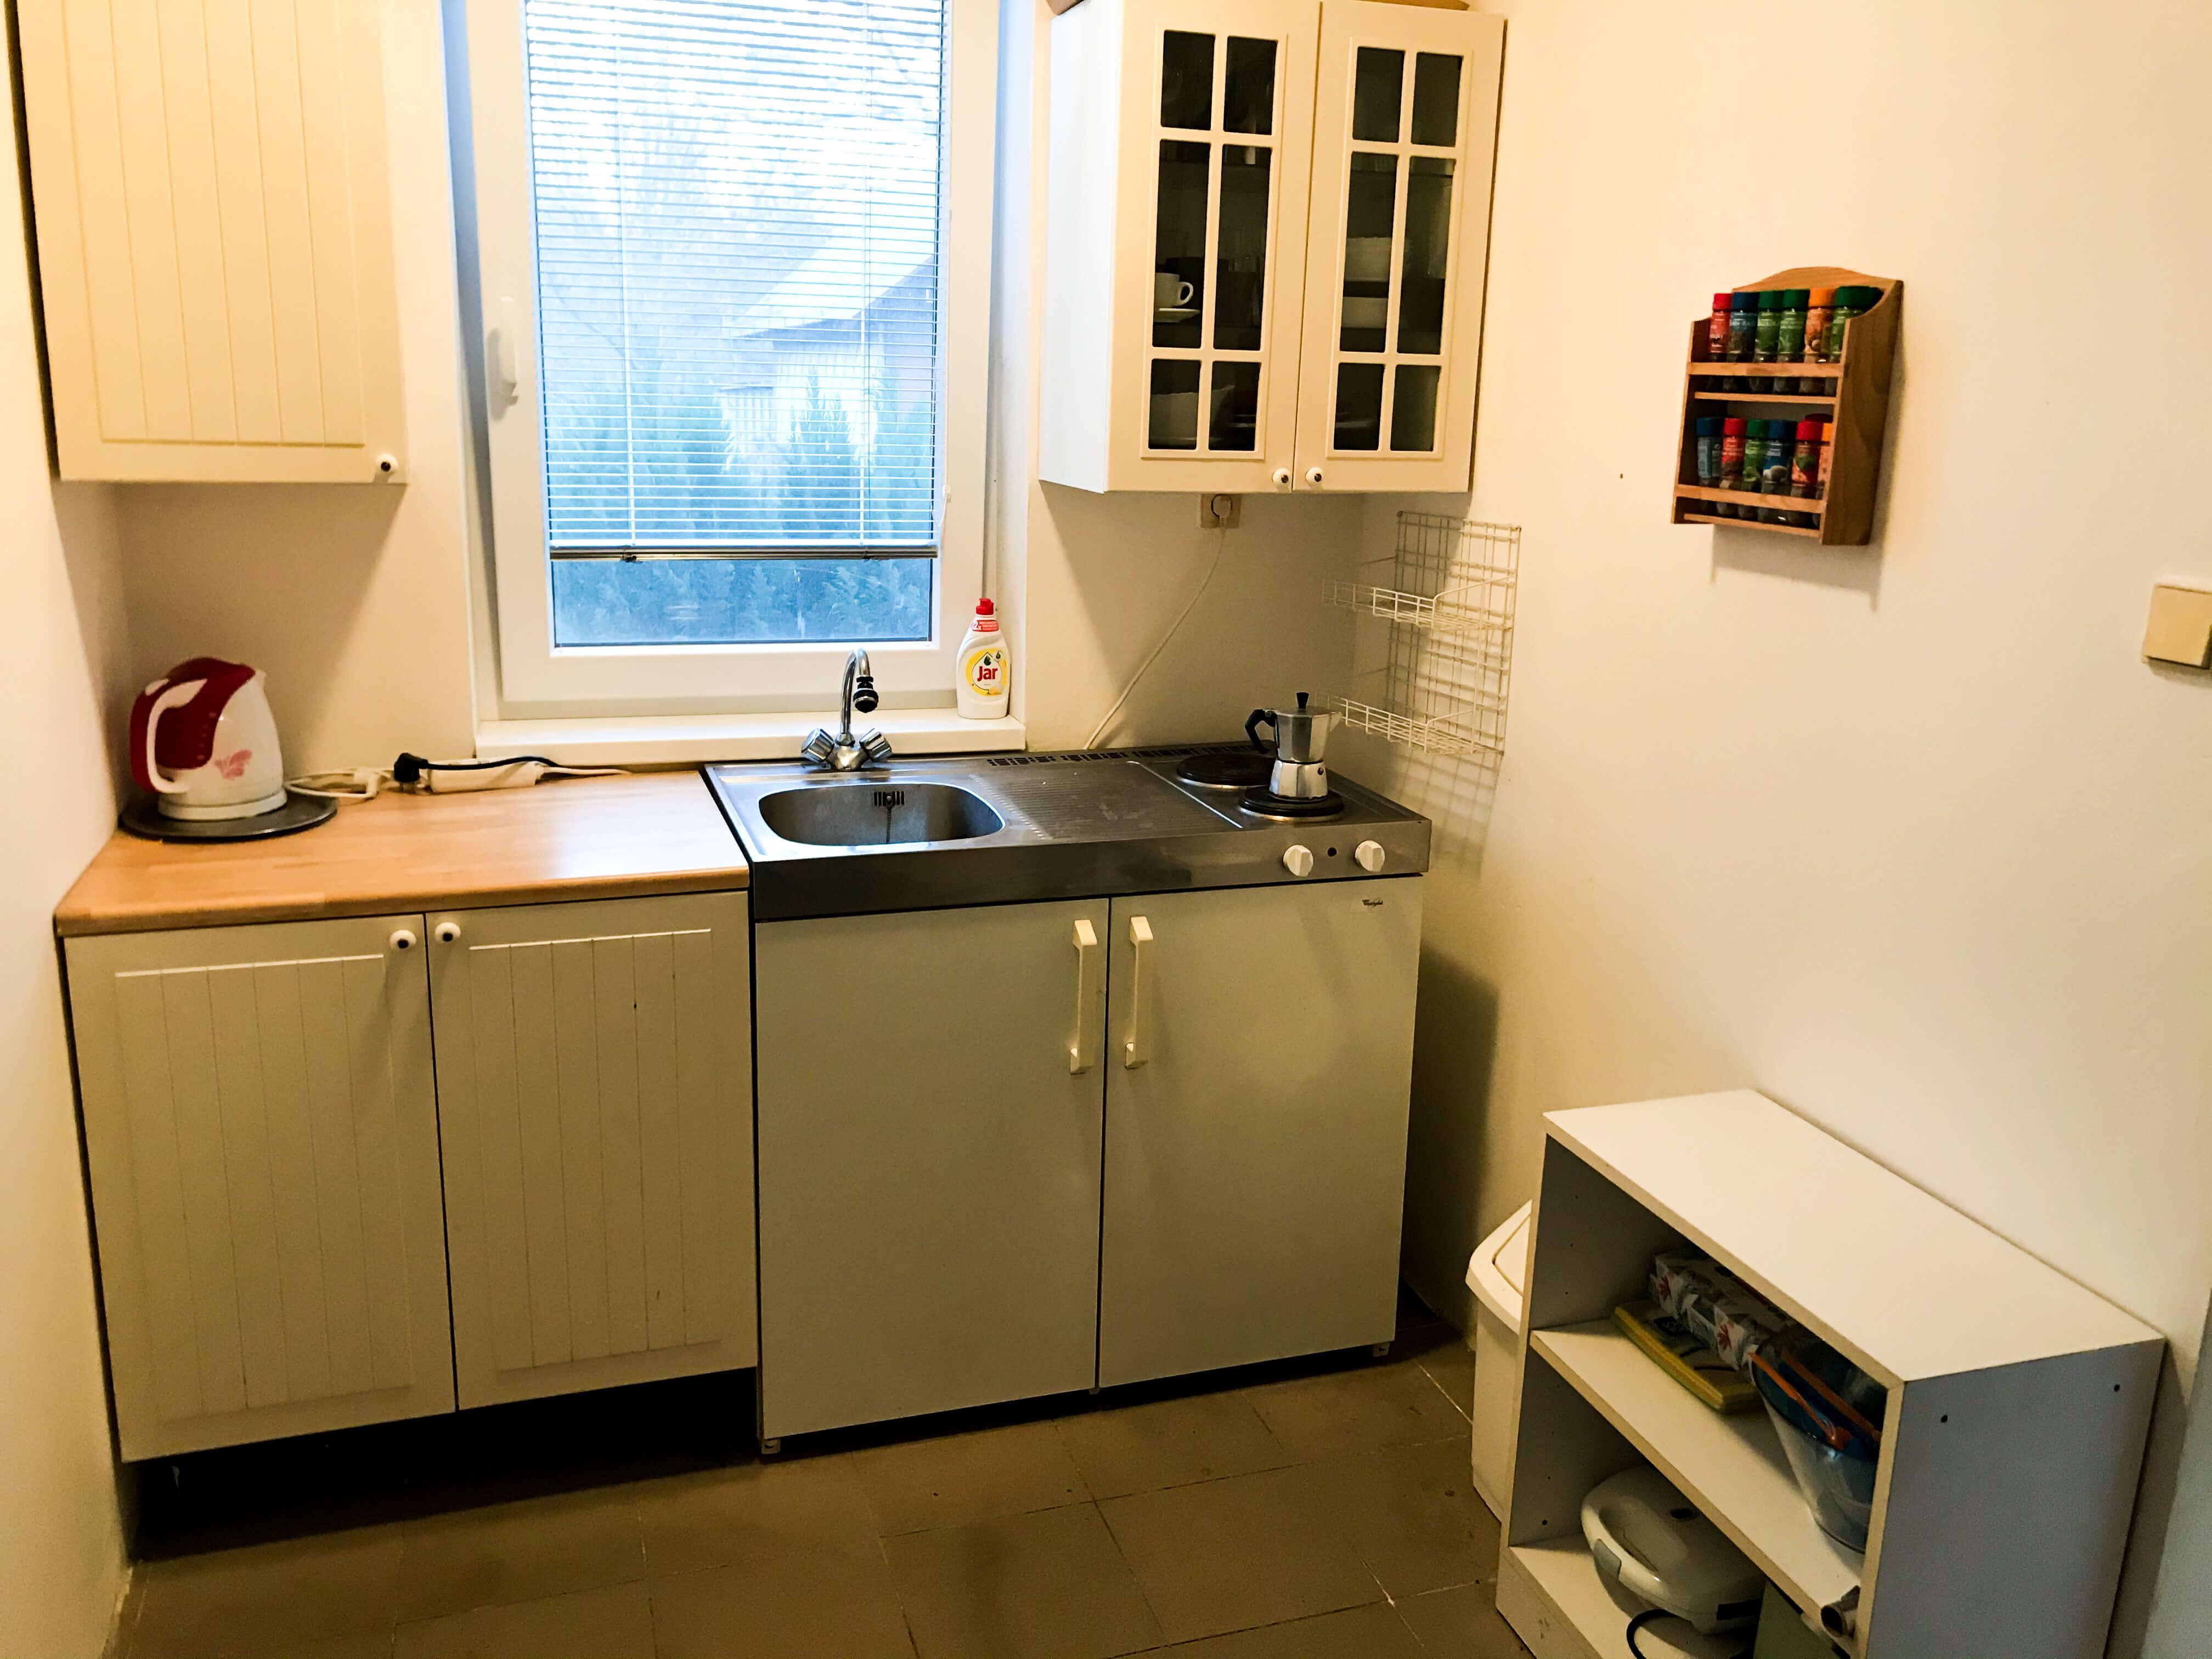 Predané: Exkluzívne 3 izbová chata o výmere 70m2 s 300m2 pozemkom, 2 podložná, v Gabčíkove pri hrádzi, kompe-25